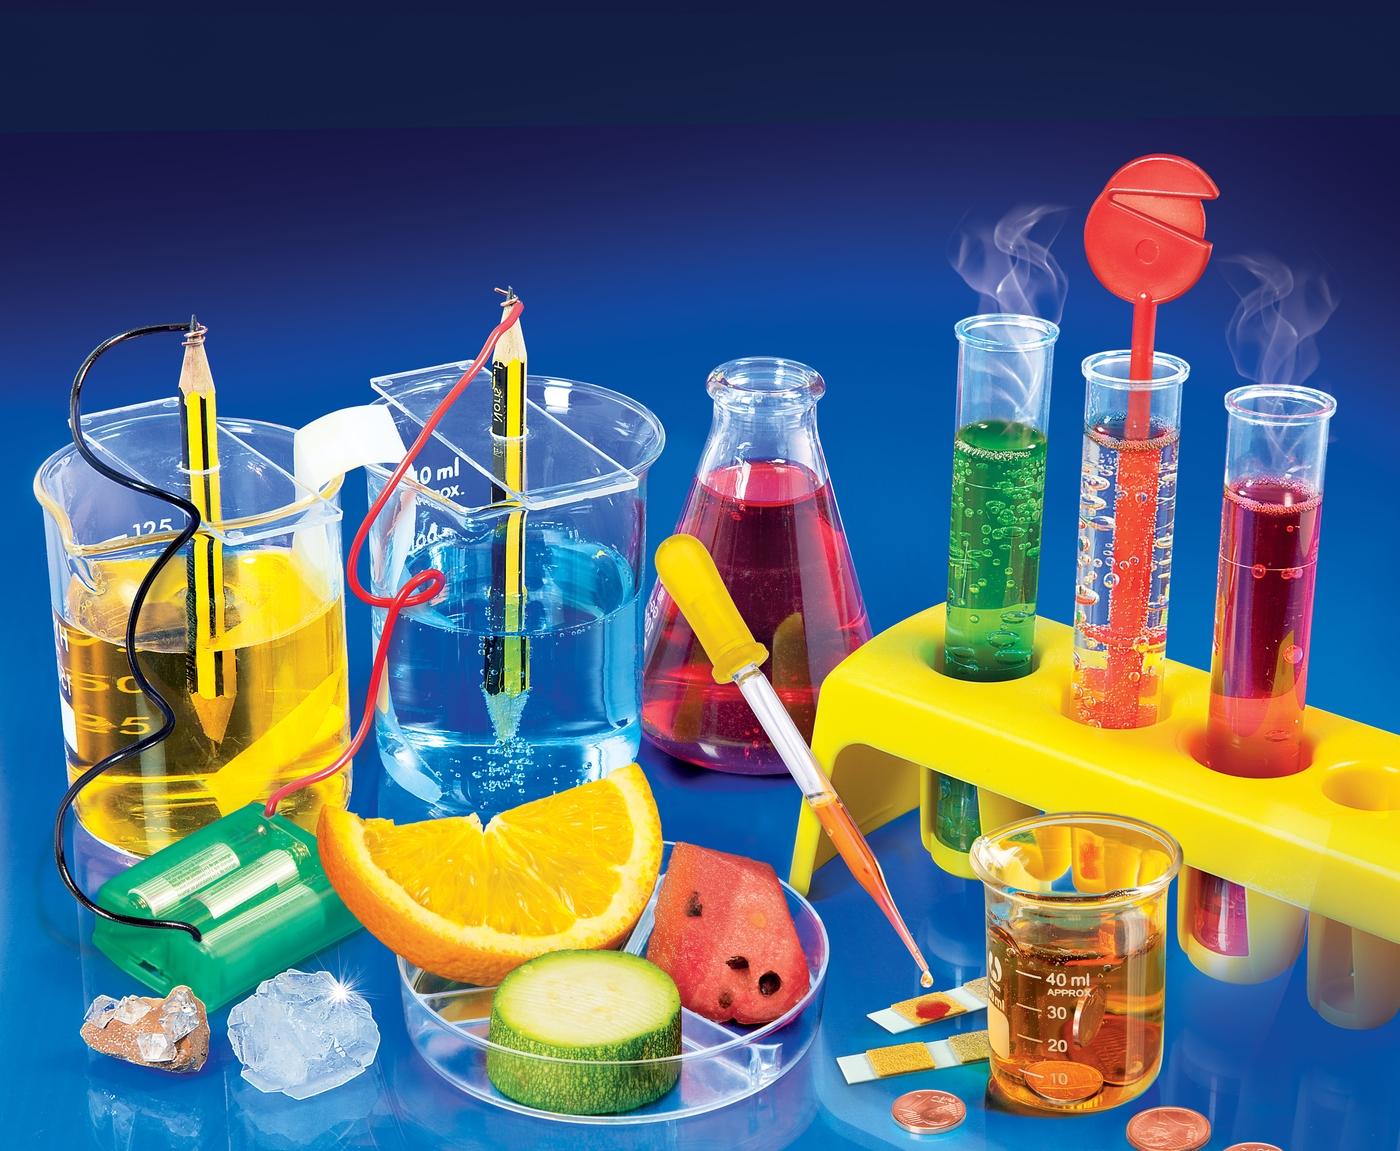 Quimica que es la quimica for La quimica en la gastronomia